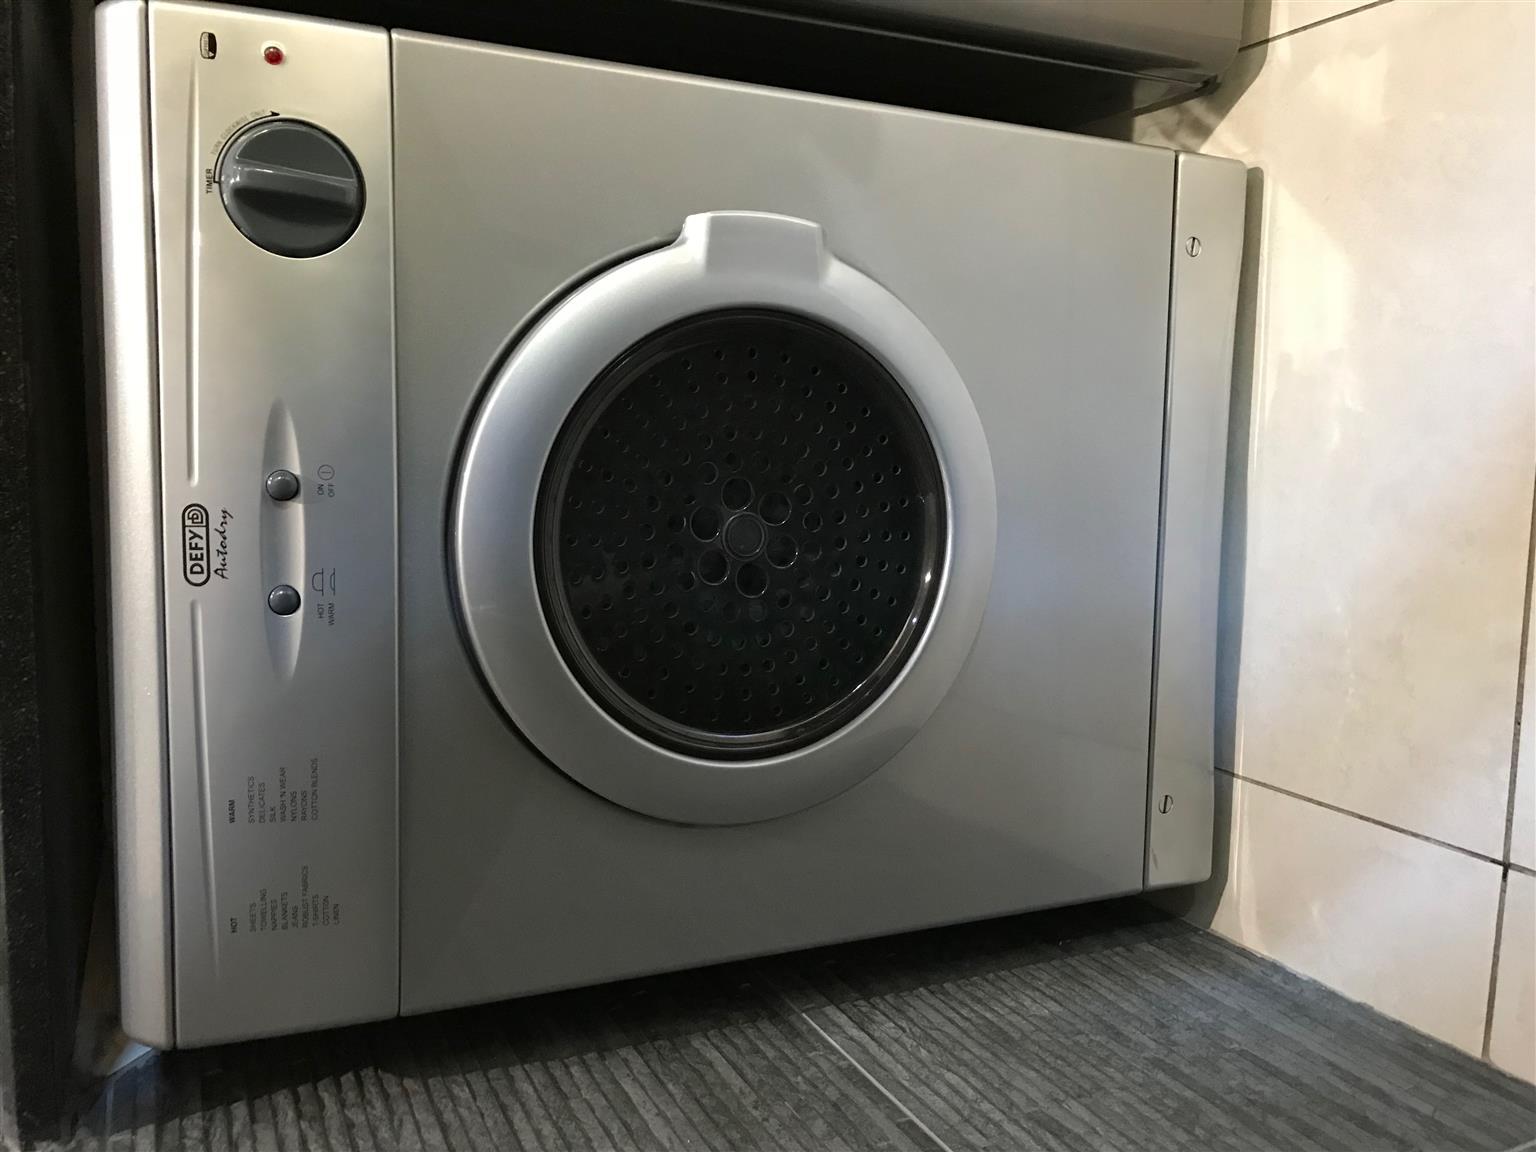 Defy Autodry 5KG tumble dryer